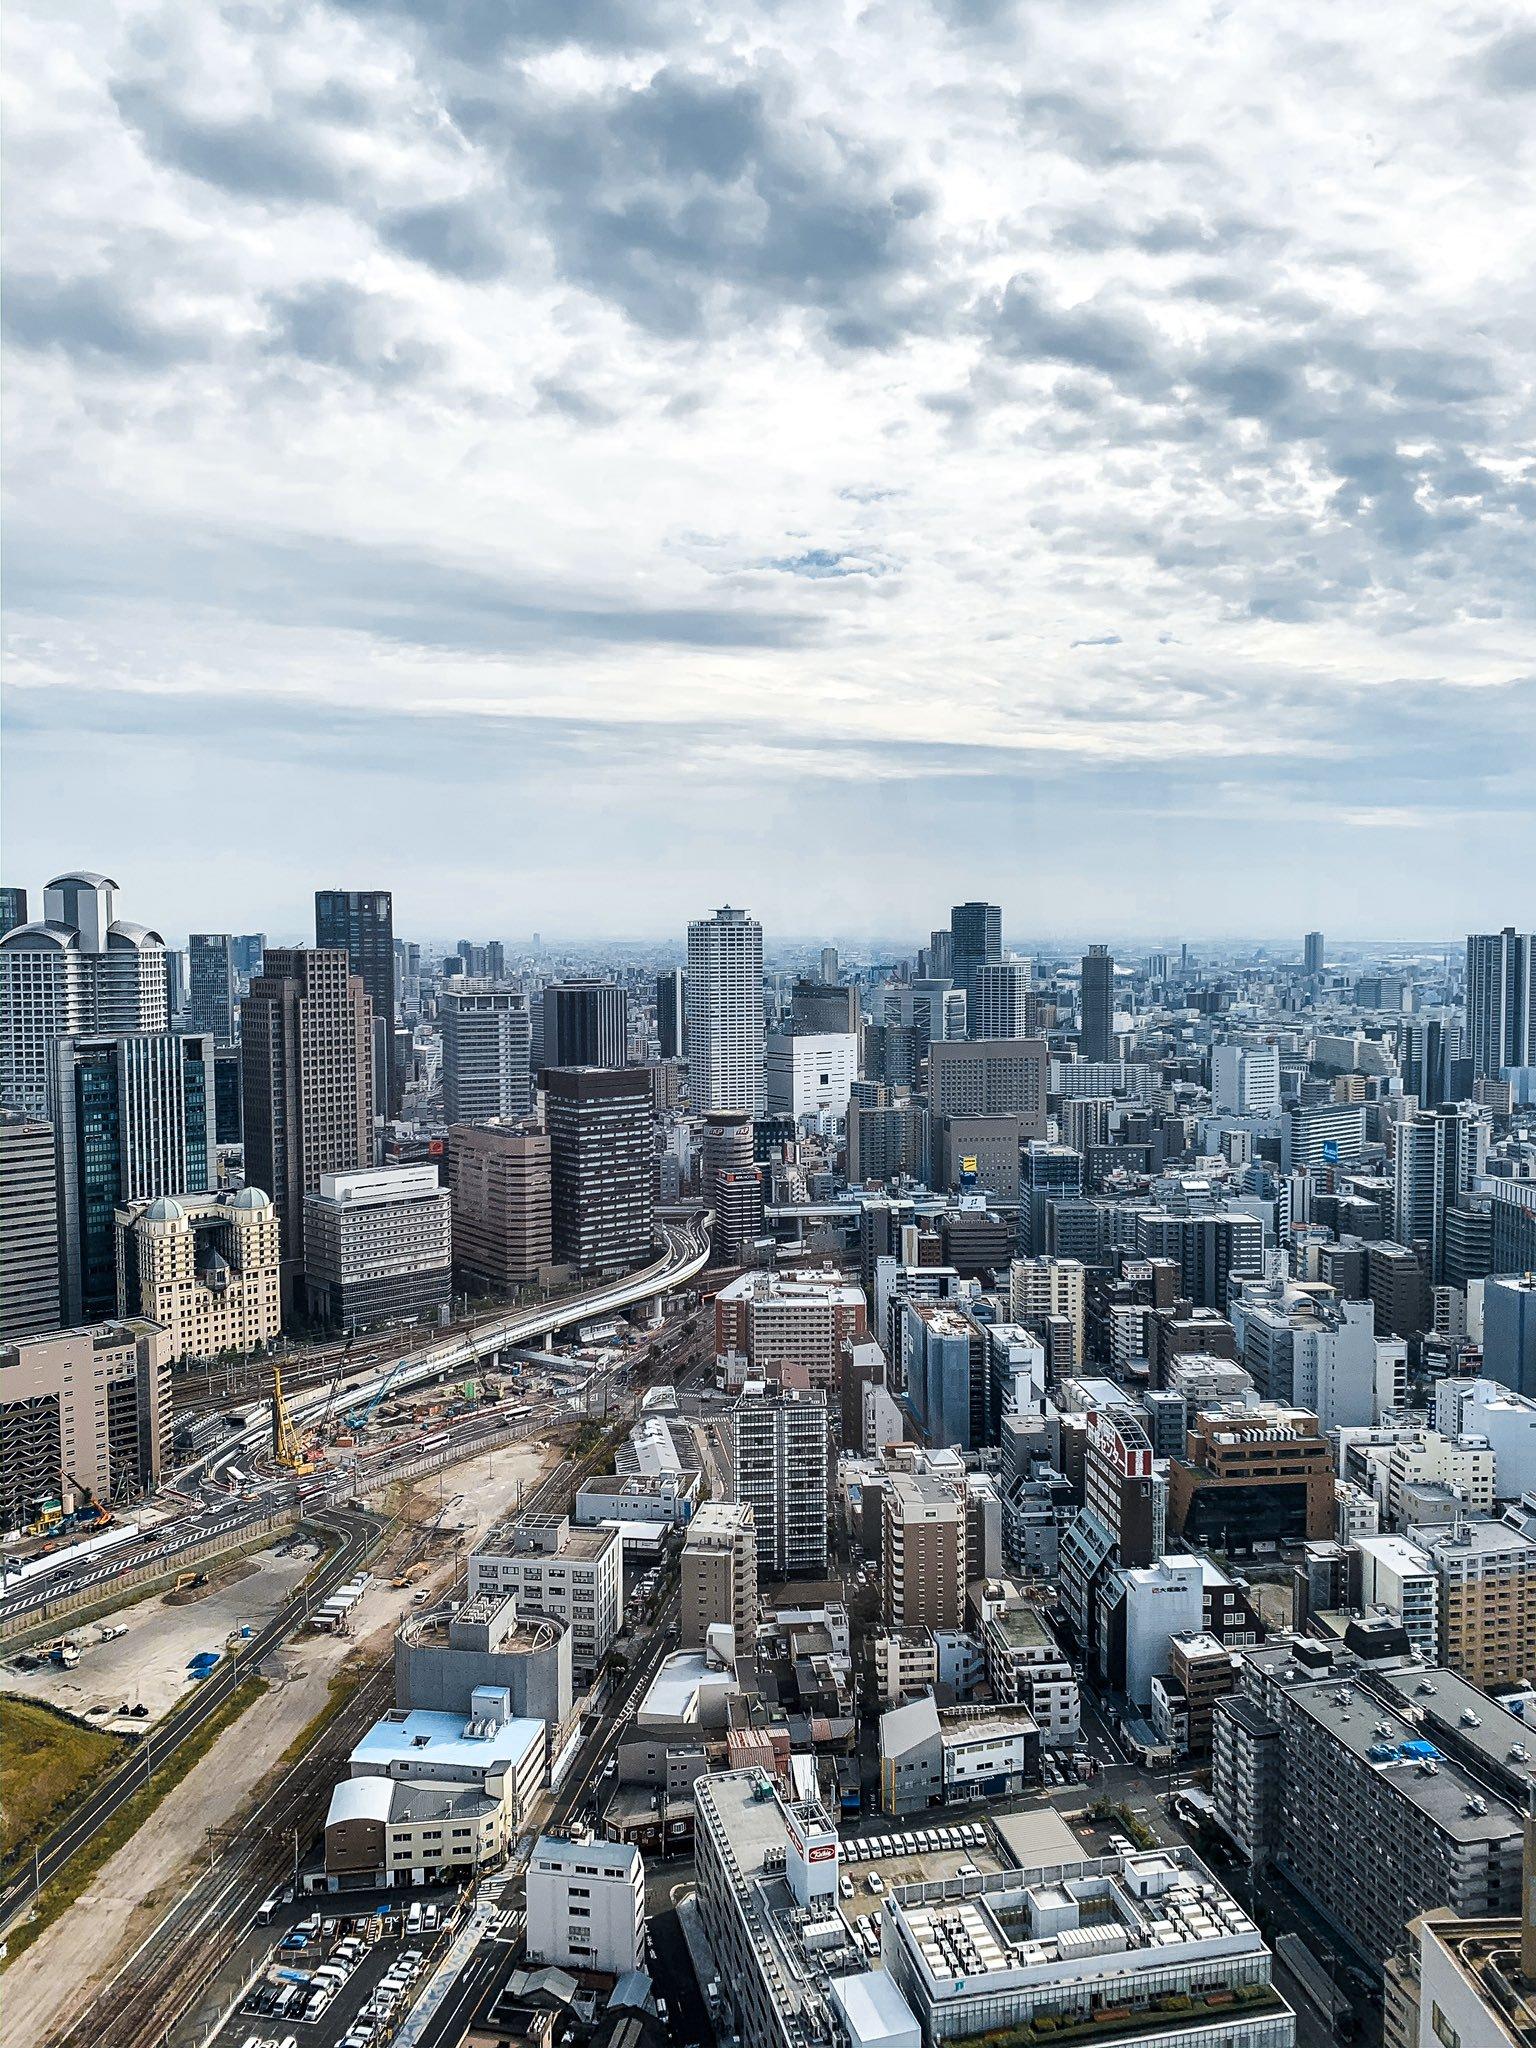 Day 3 Umeda's views of Osaka2